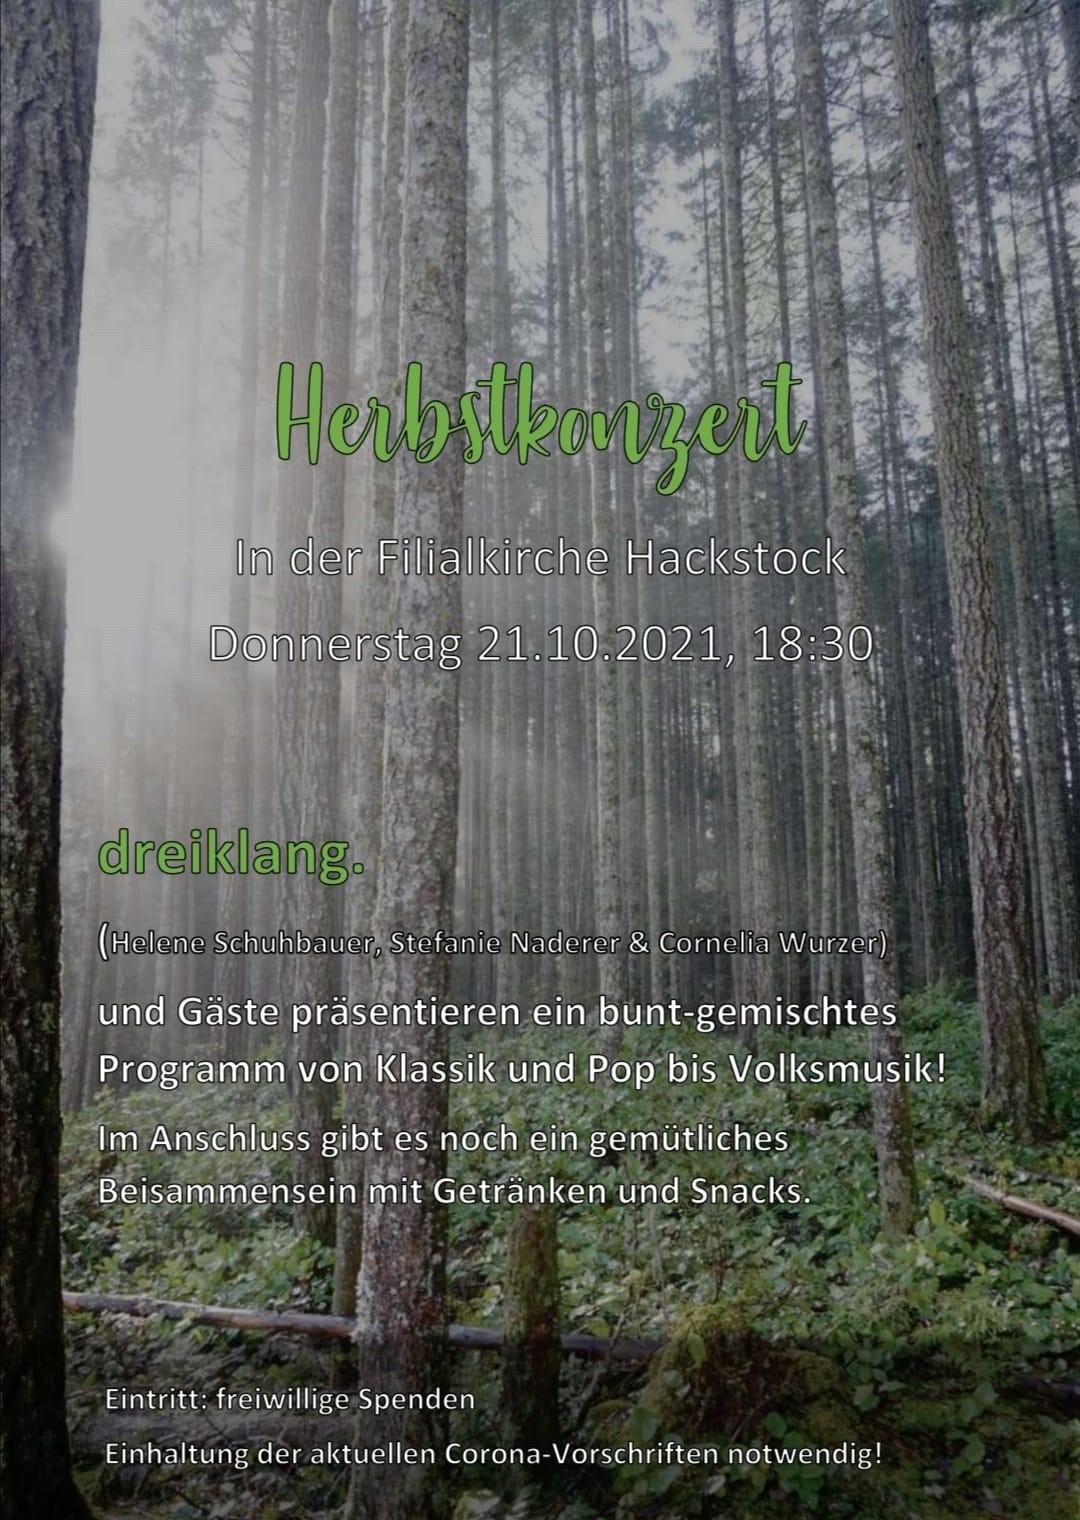 21.10. – Herbstkonzert